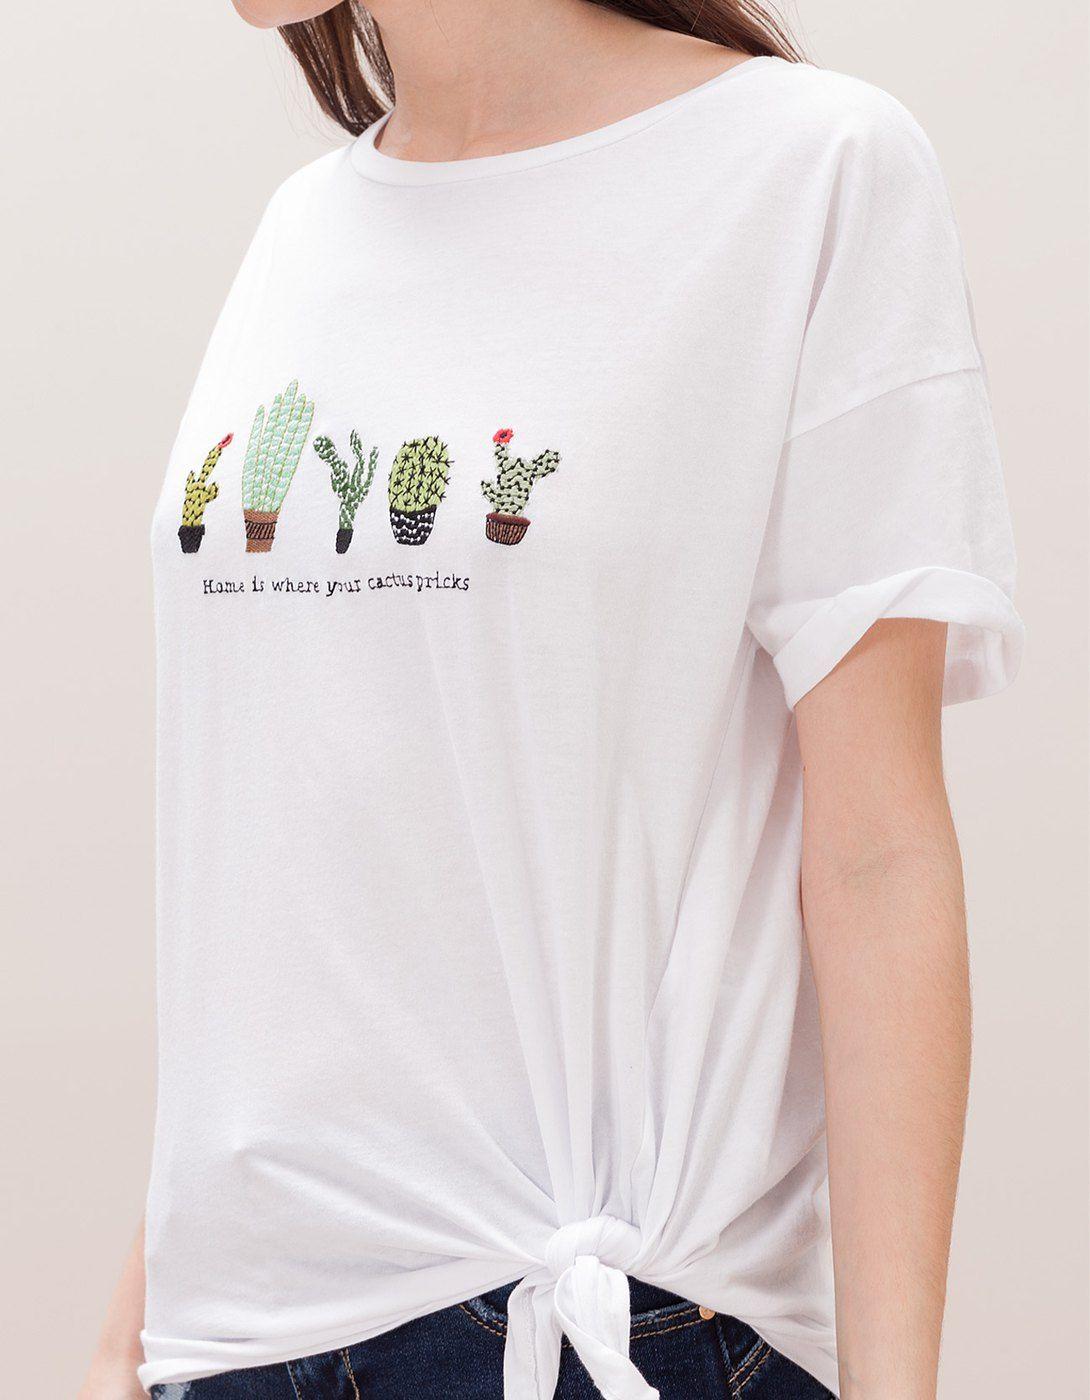 En Stradivarius encontrarás 1 Camiseta nudo cactus para mujer por sólo  12.95 € . Entra ahora y descúbrelo junto con más CAMISETAS. 84f784ad50e